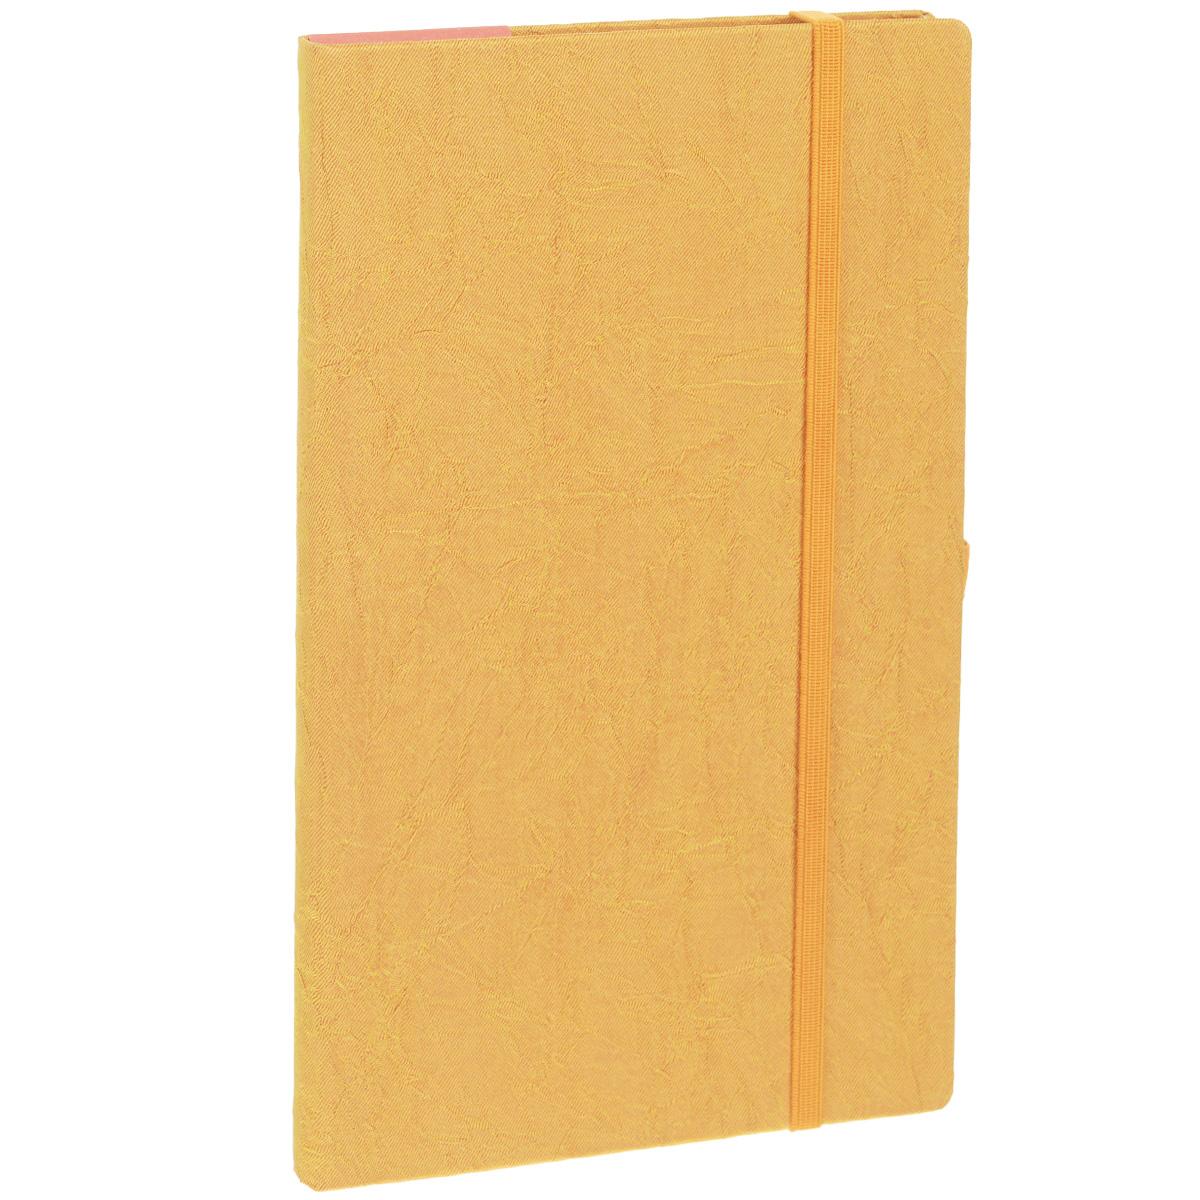 Записная книжка Erich Krause Tsarina, цвет: золотистый, 96 листов36779Записная книжка Erich Krause Tsarina - это дополнительный штрих к вашему имиджу. Демократичная в своем содержании, книжка может быть использована не только для личных пометок и записей, но и как недатированный ежедневник. Надежная твердая обложка из плотного картона, обтянутого текстильным материалом, сохранит ее в аккуратном состоянии на протяжении всего времени использования. Плотная в линейку бумага белого цвета, закладка-ляссе, практичные скругленные углы, эластичная петелька для ручки и внутренний бумажный карман на задней обложке - все это обеспечит вам истинное удовольствие от письма. В начале книжки имеется страничка для заполнения личных данных владельца, четыре страницы для заполнения адресов, телефонов и интернет-почты и четыре страницы для заполнения сайтов и ссылок. Благодаря небольшому формату книжку легко взять с собой. Записная книжка плотно закрывается при помощи фиксирующей резинки.